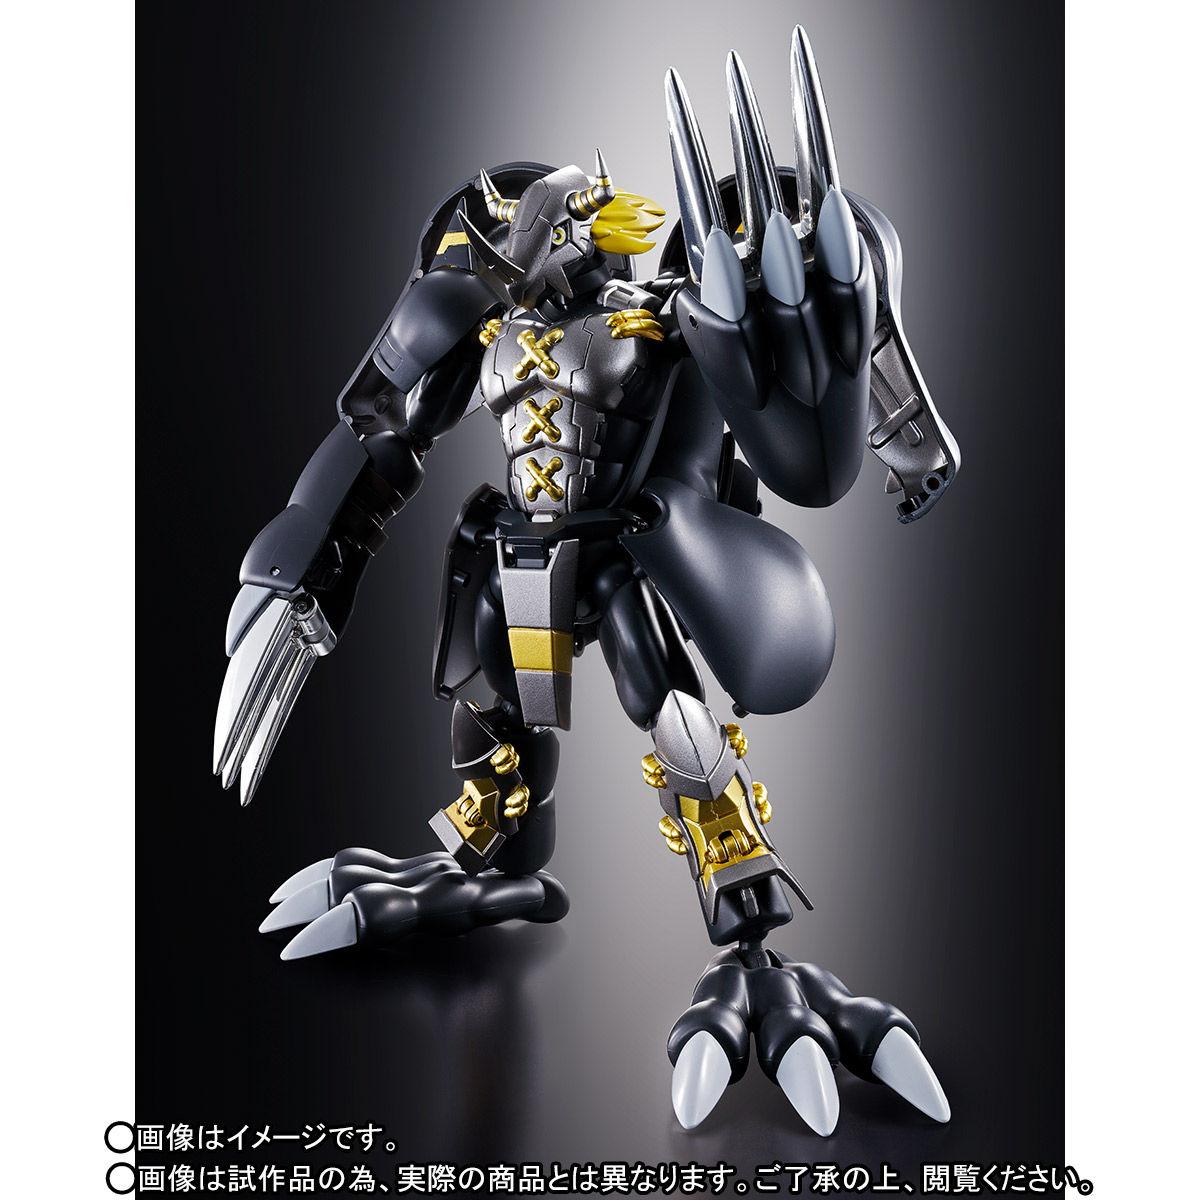 超進化魂 08『ブラックウォーグレイモン』デジモンアドベンチャー 可変可動フィギュア-003